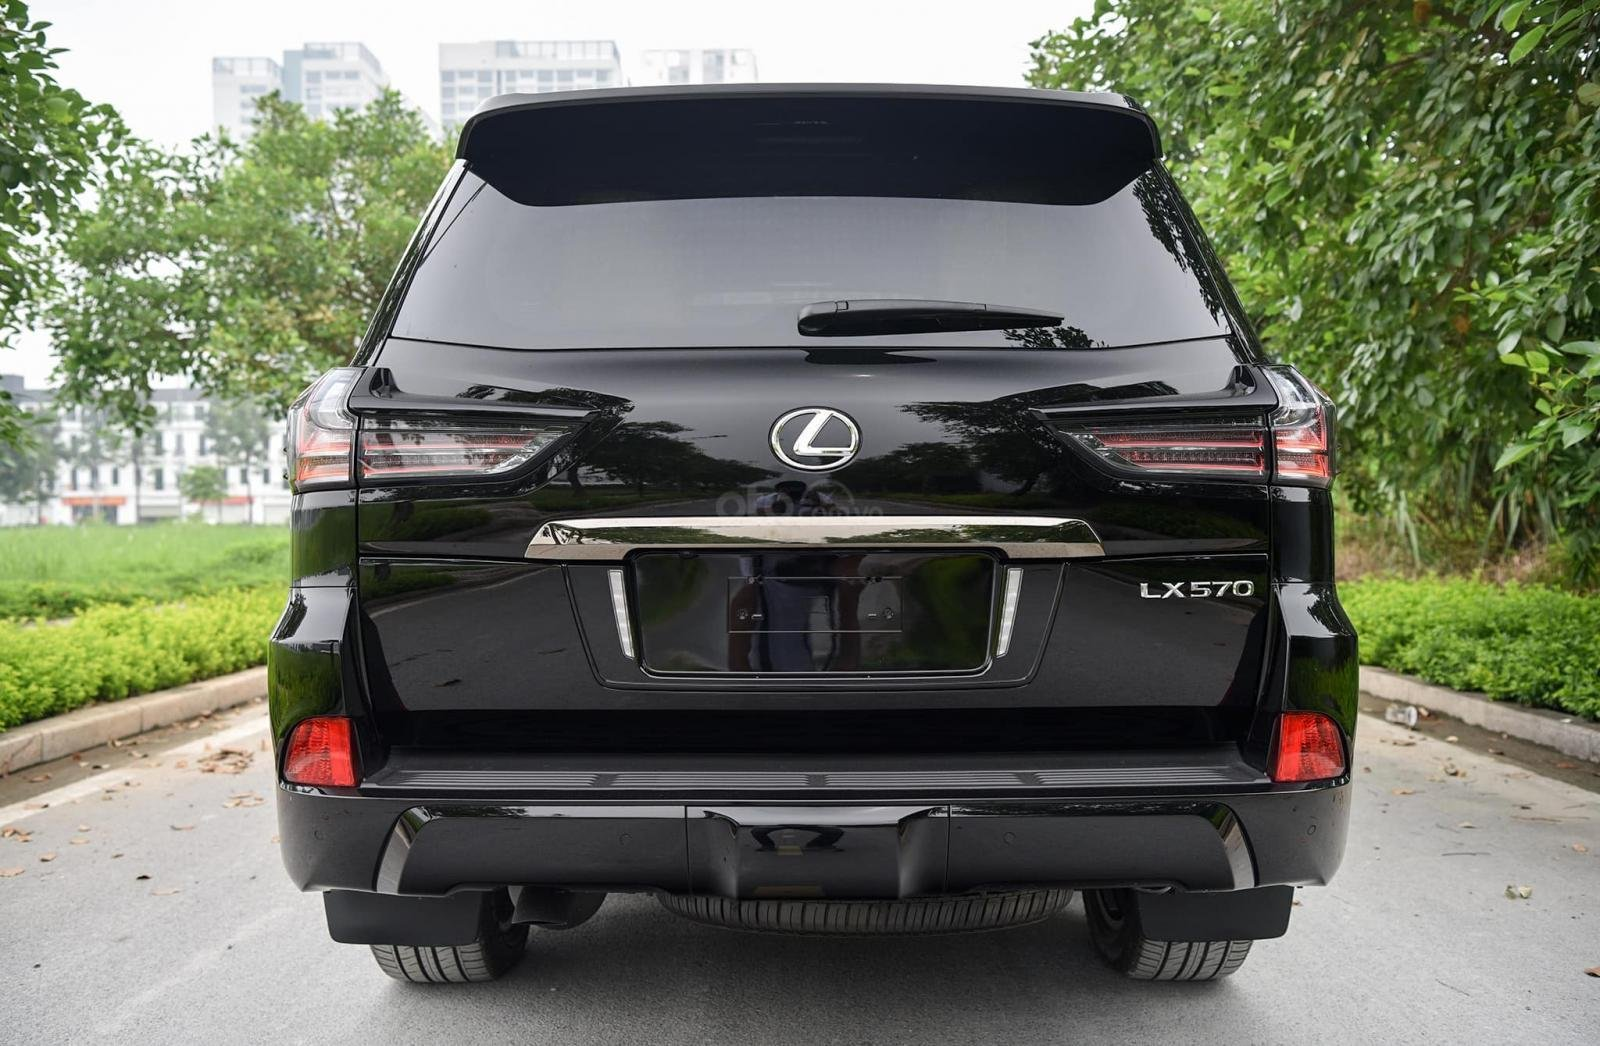 Giao ngay Lexus LX LX570 Inspiration 2019 giá tốt, phiên bản giới hạn 500 xe duy nhất (3)